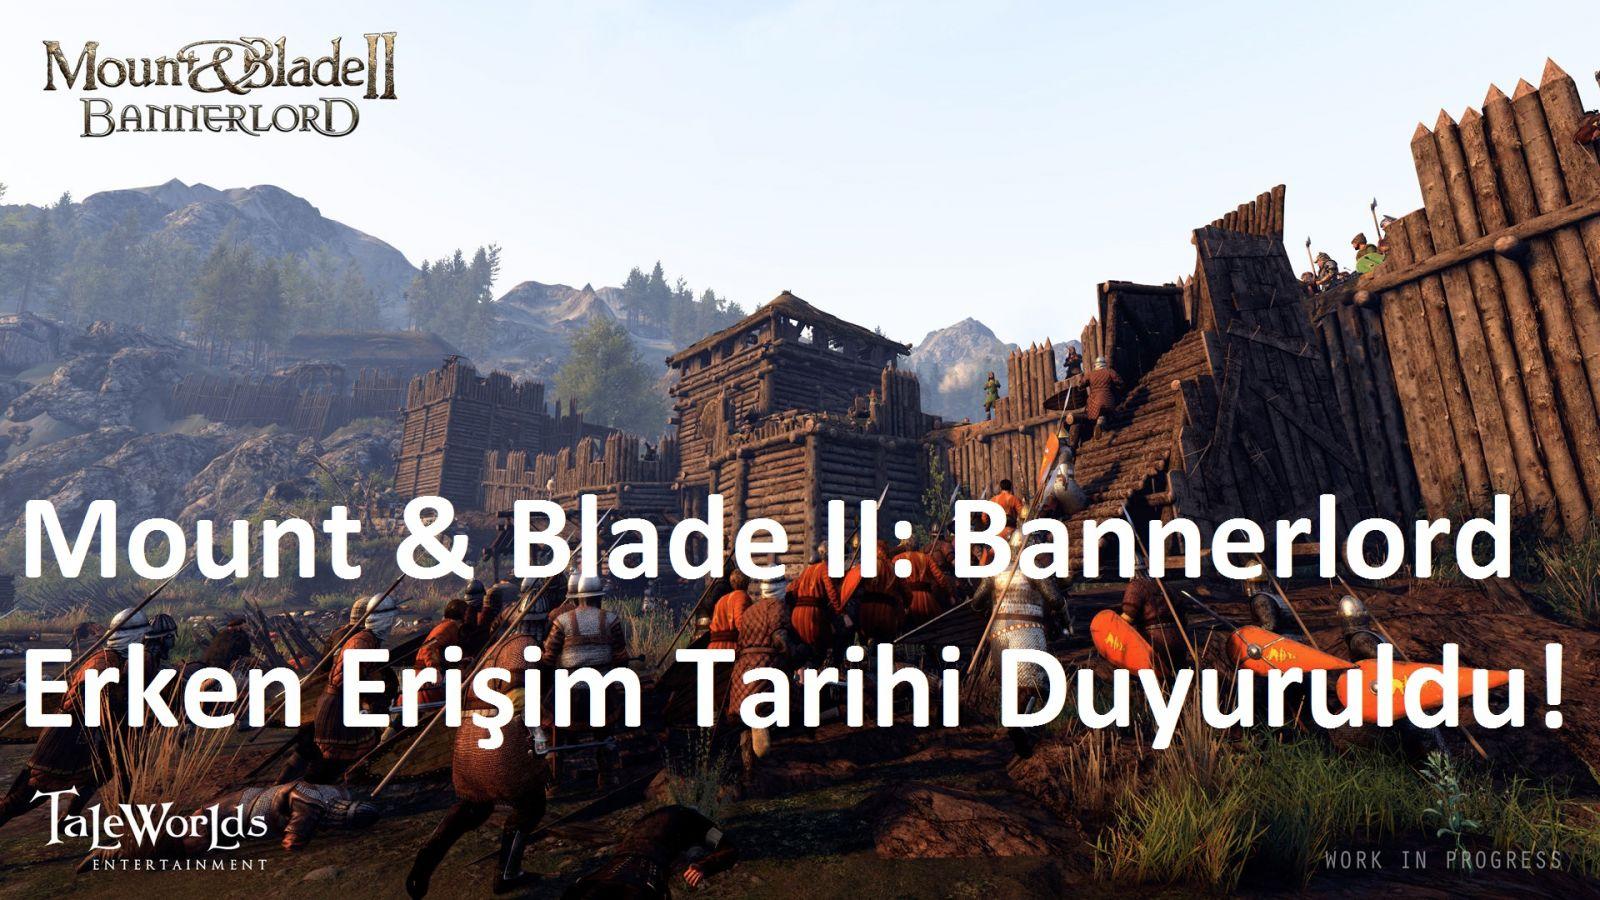 tekirdağ Mount & Blade II: Bannerlord Erken Erişim Tarihi Duyuruldu!